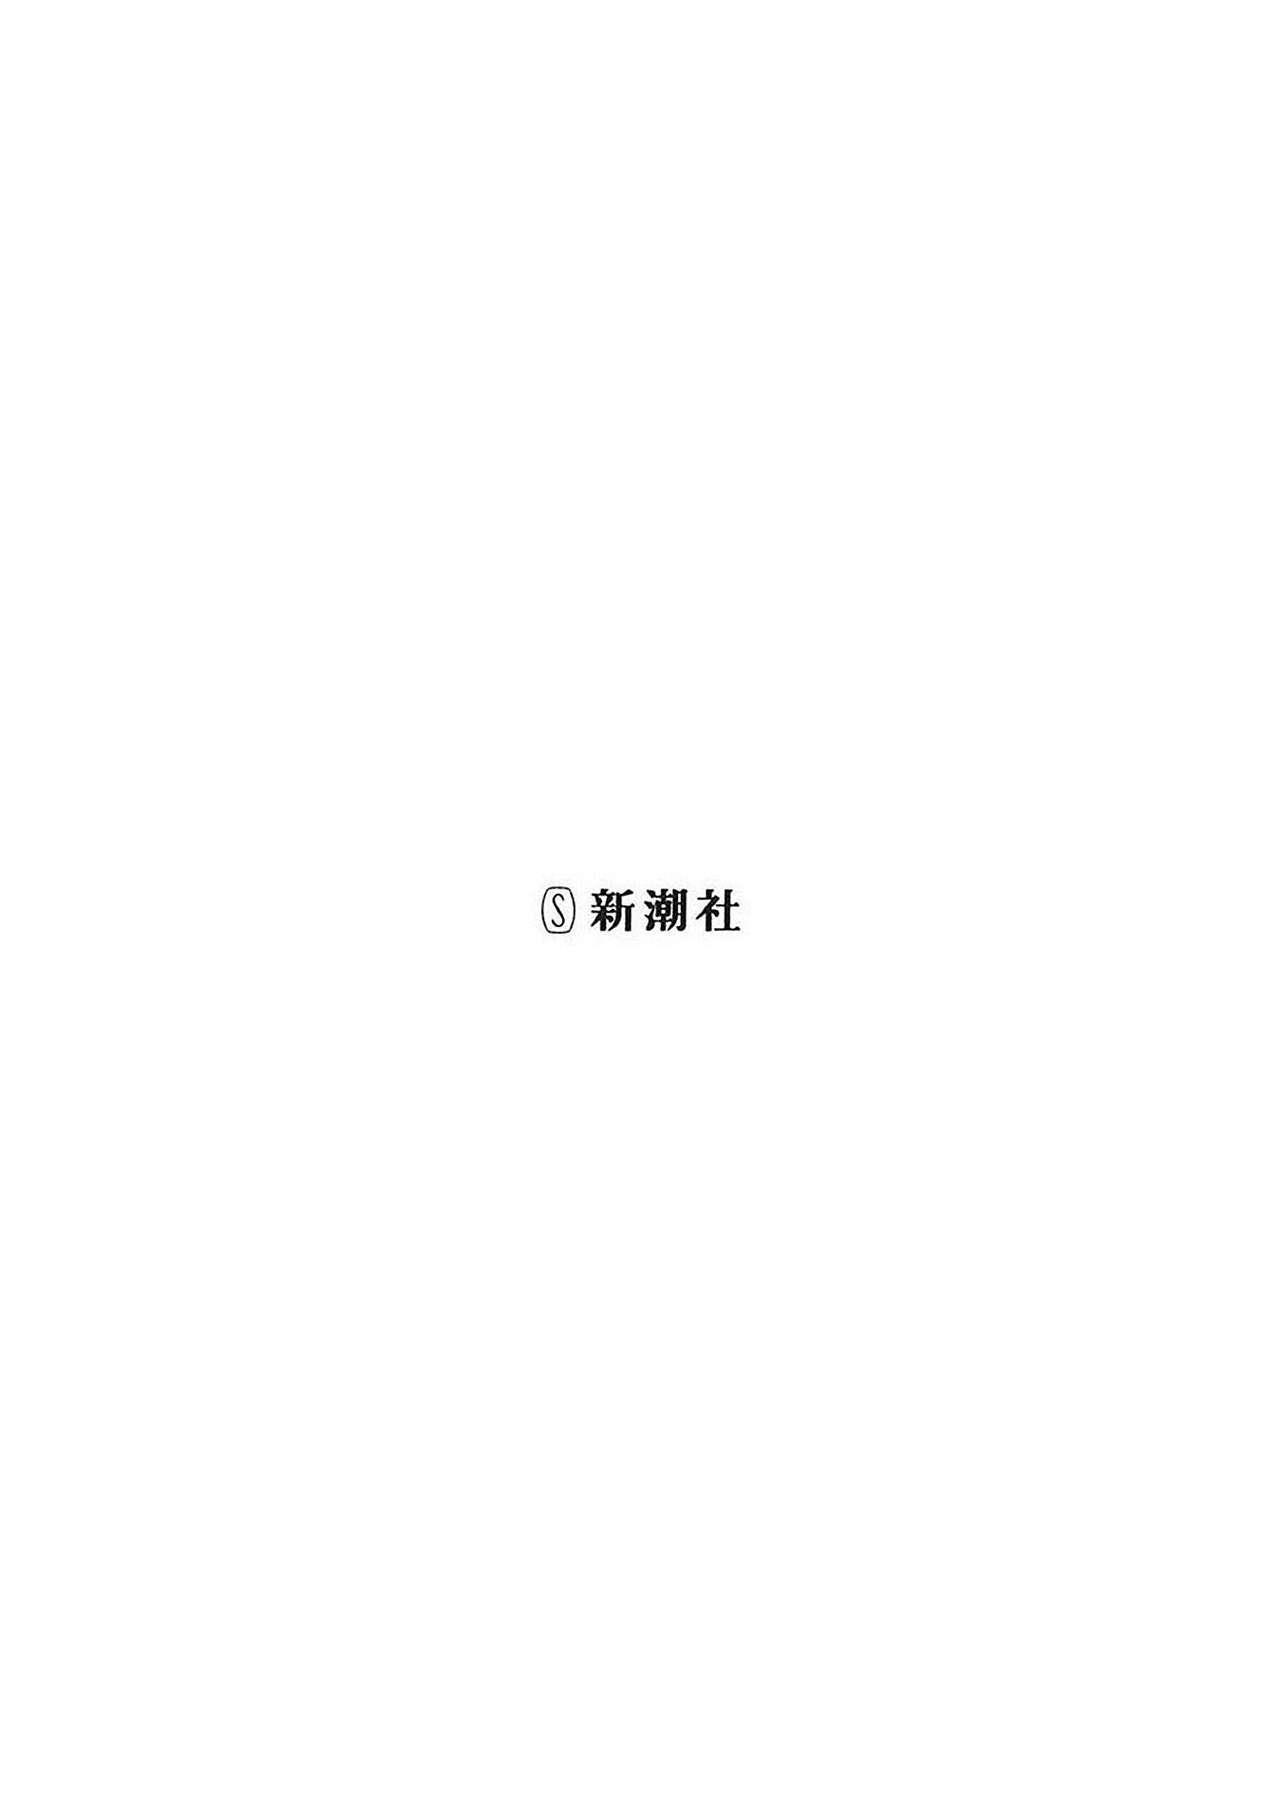 JK Haru wa Isekai de Shoufu ni Natta 1-14 188